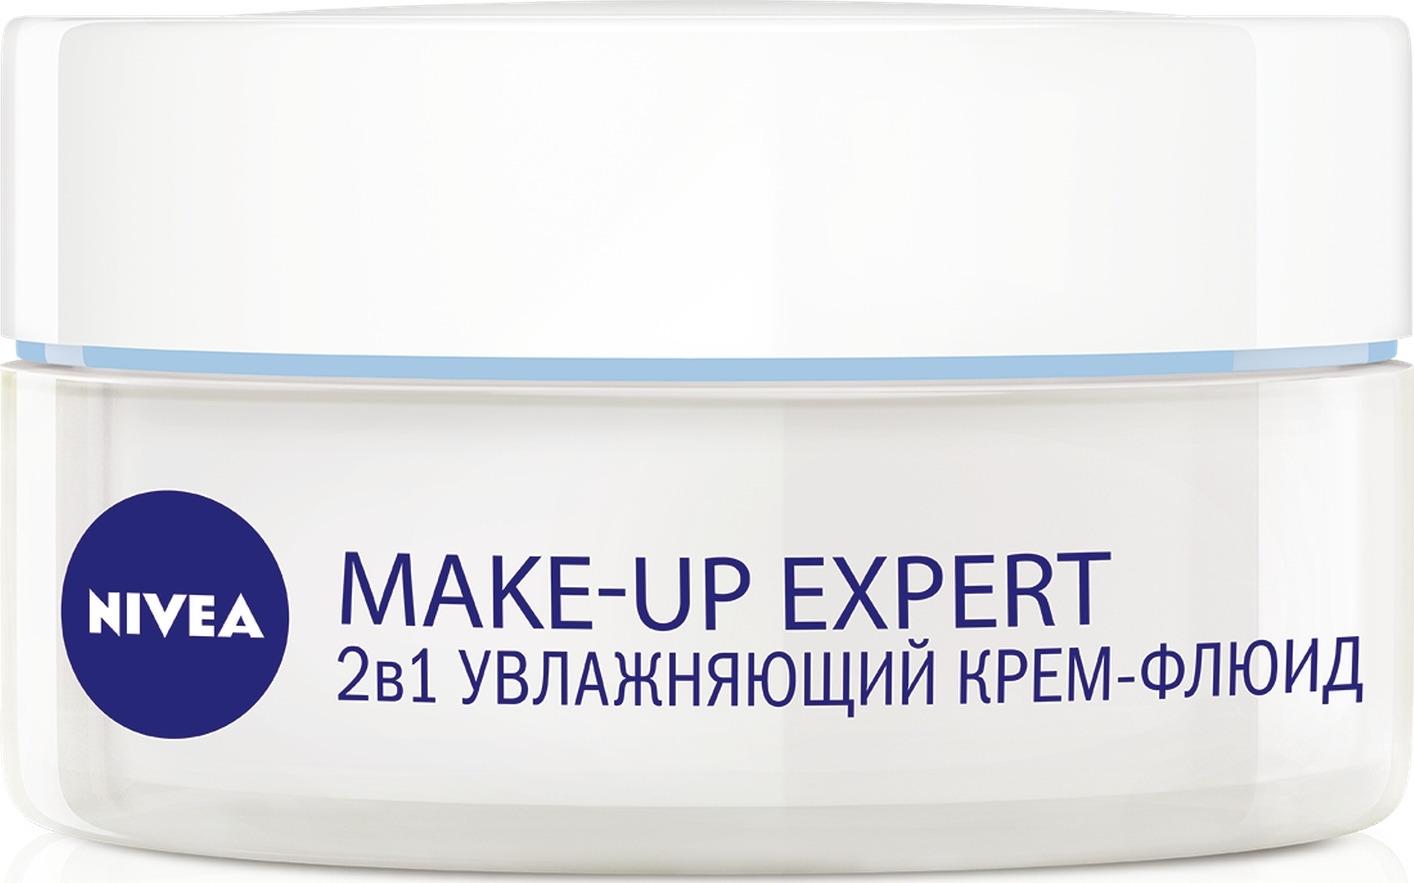 Увлажняющий крем-флюид Nivea MAKE-UP EXPERT 2в1, для нормальной и комбинированной кожи, 50 мл